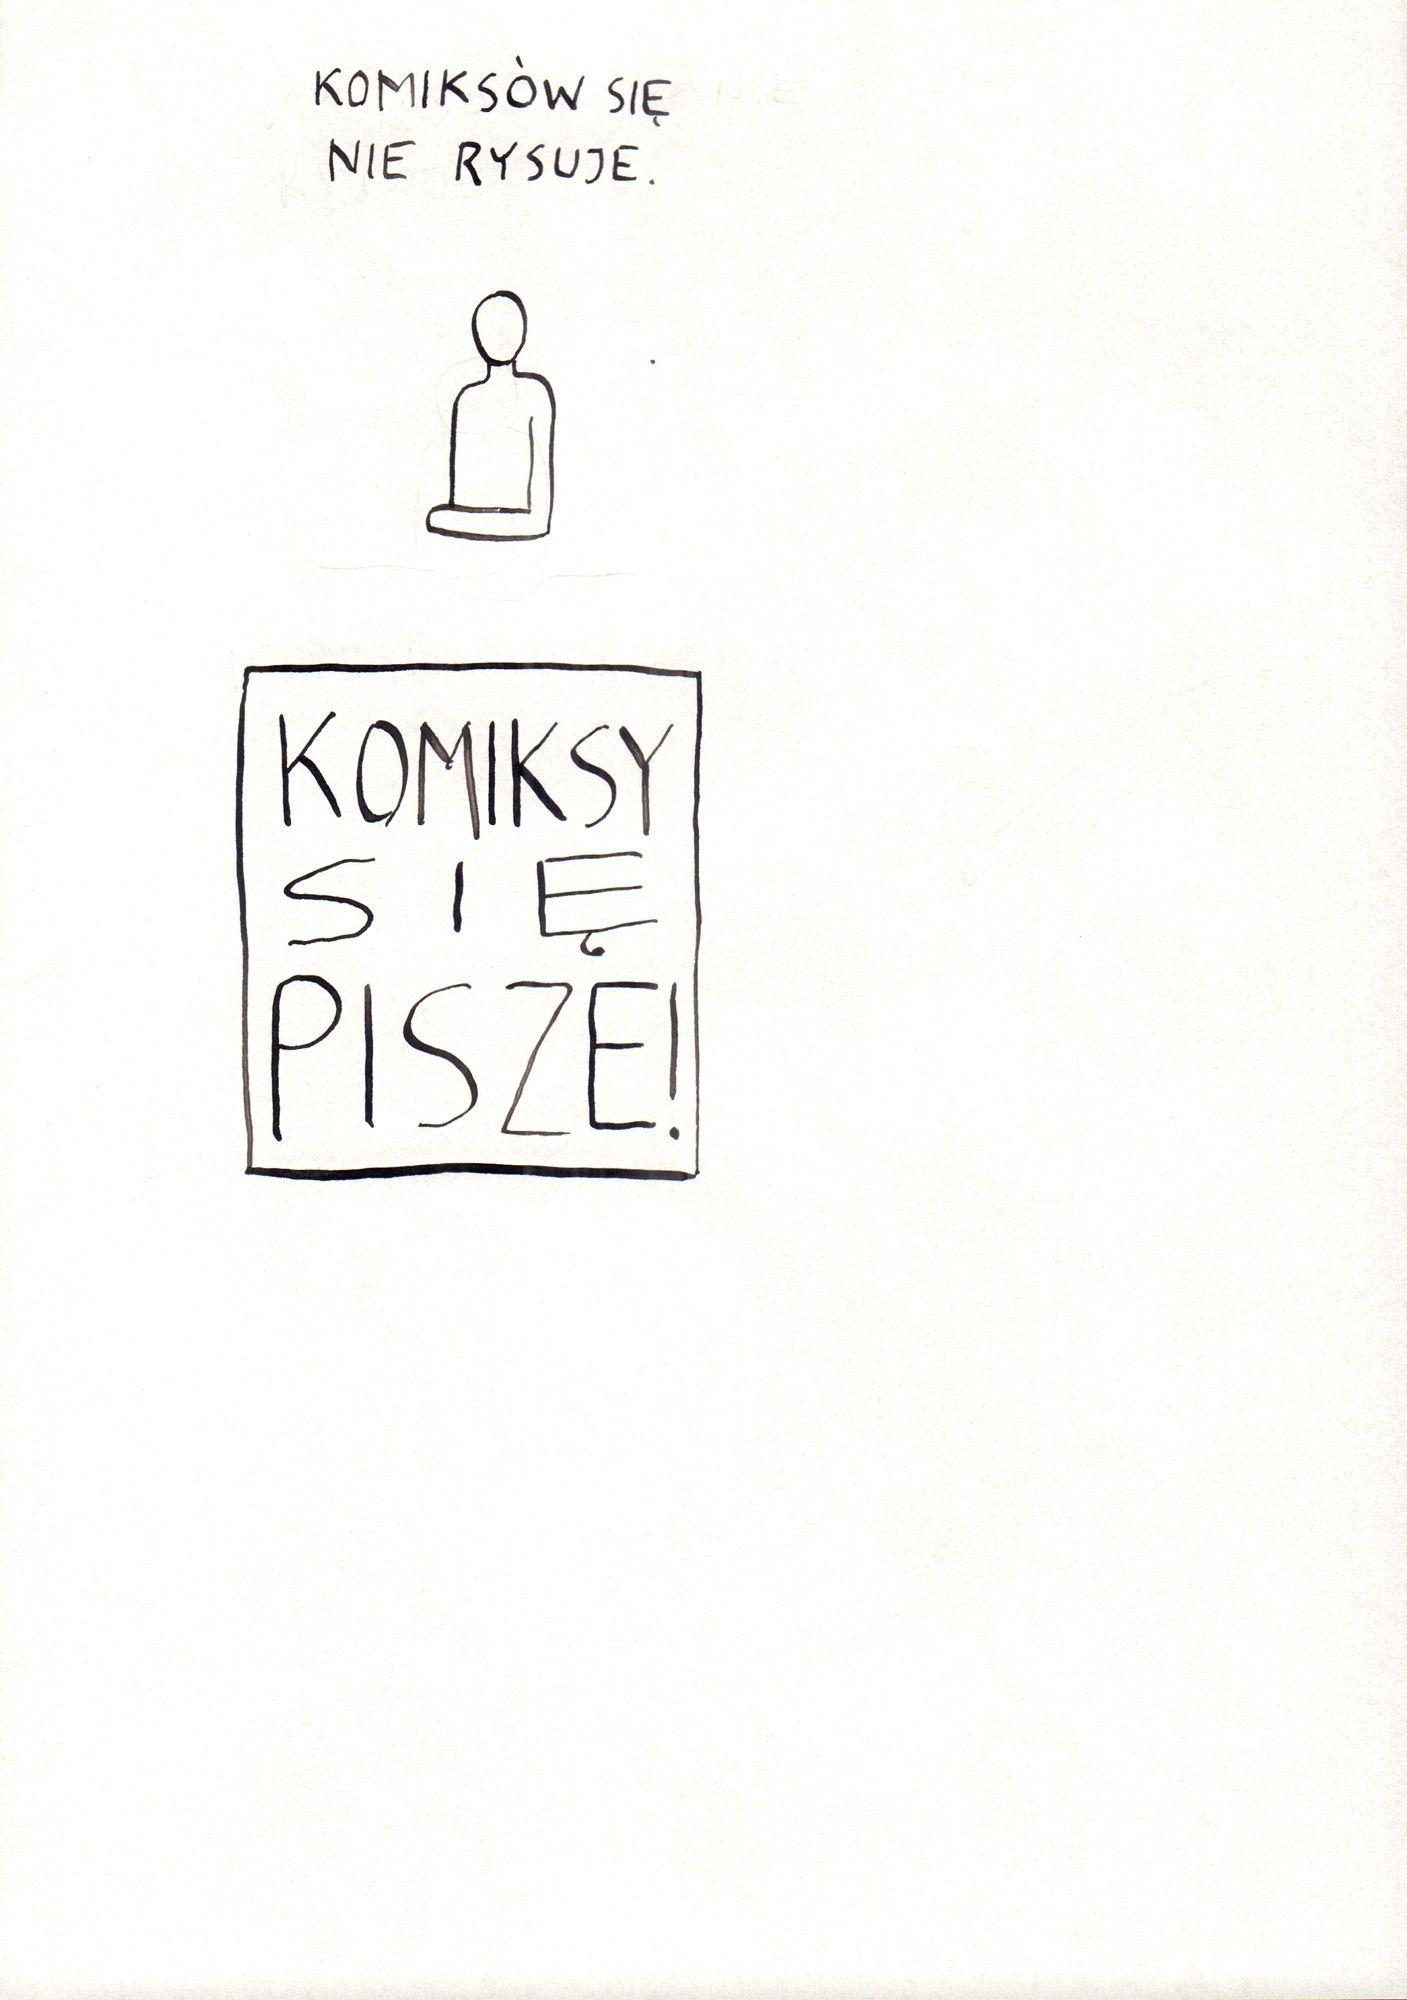 Komiksów się nie rysuje, ZK, s. 5